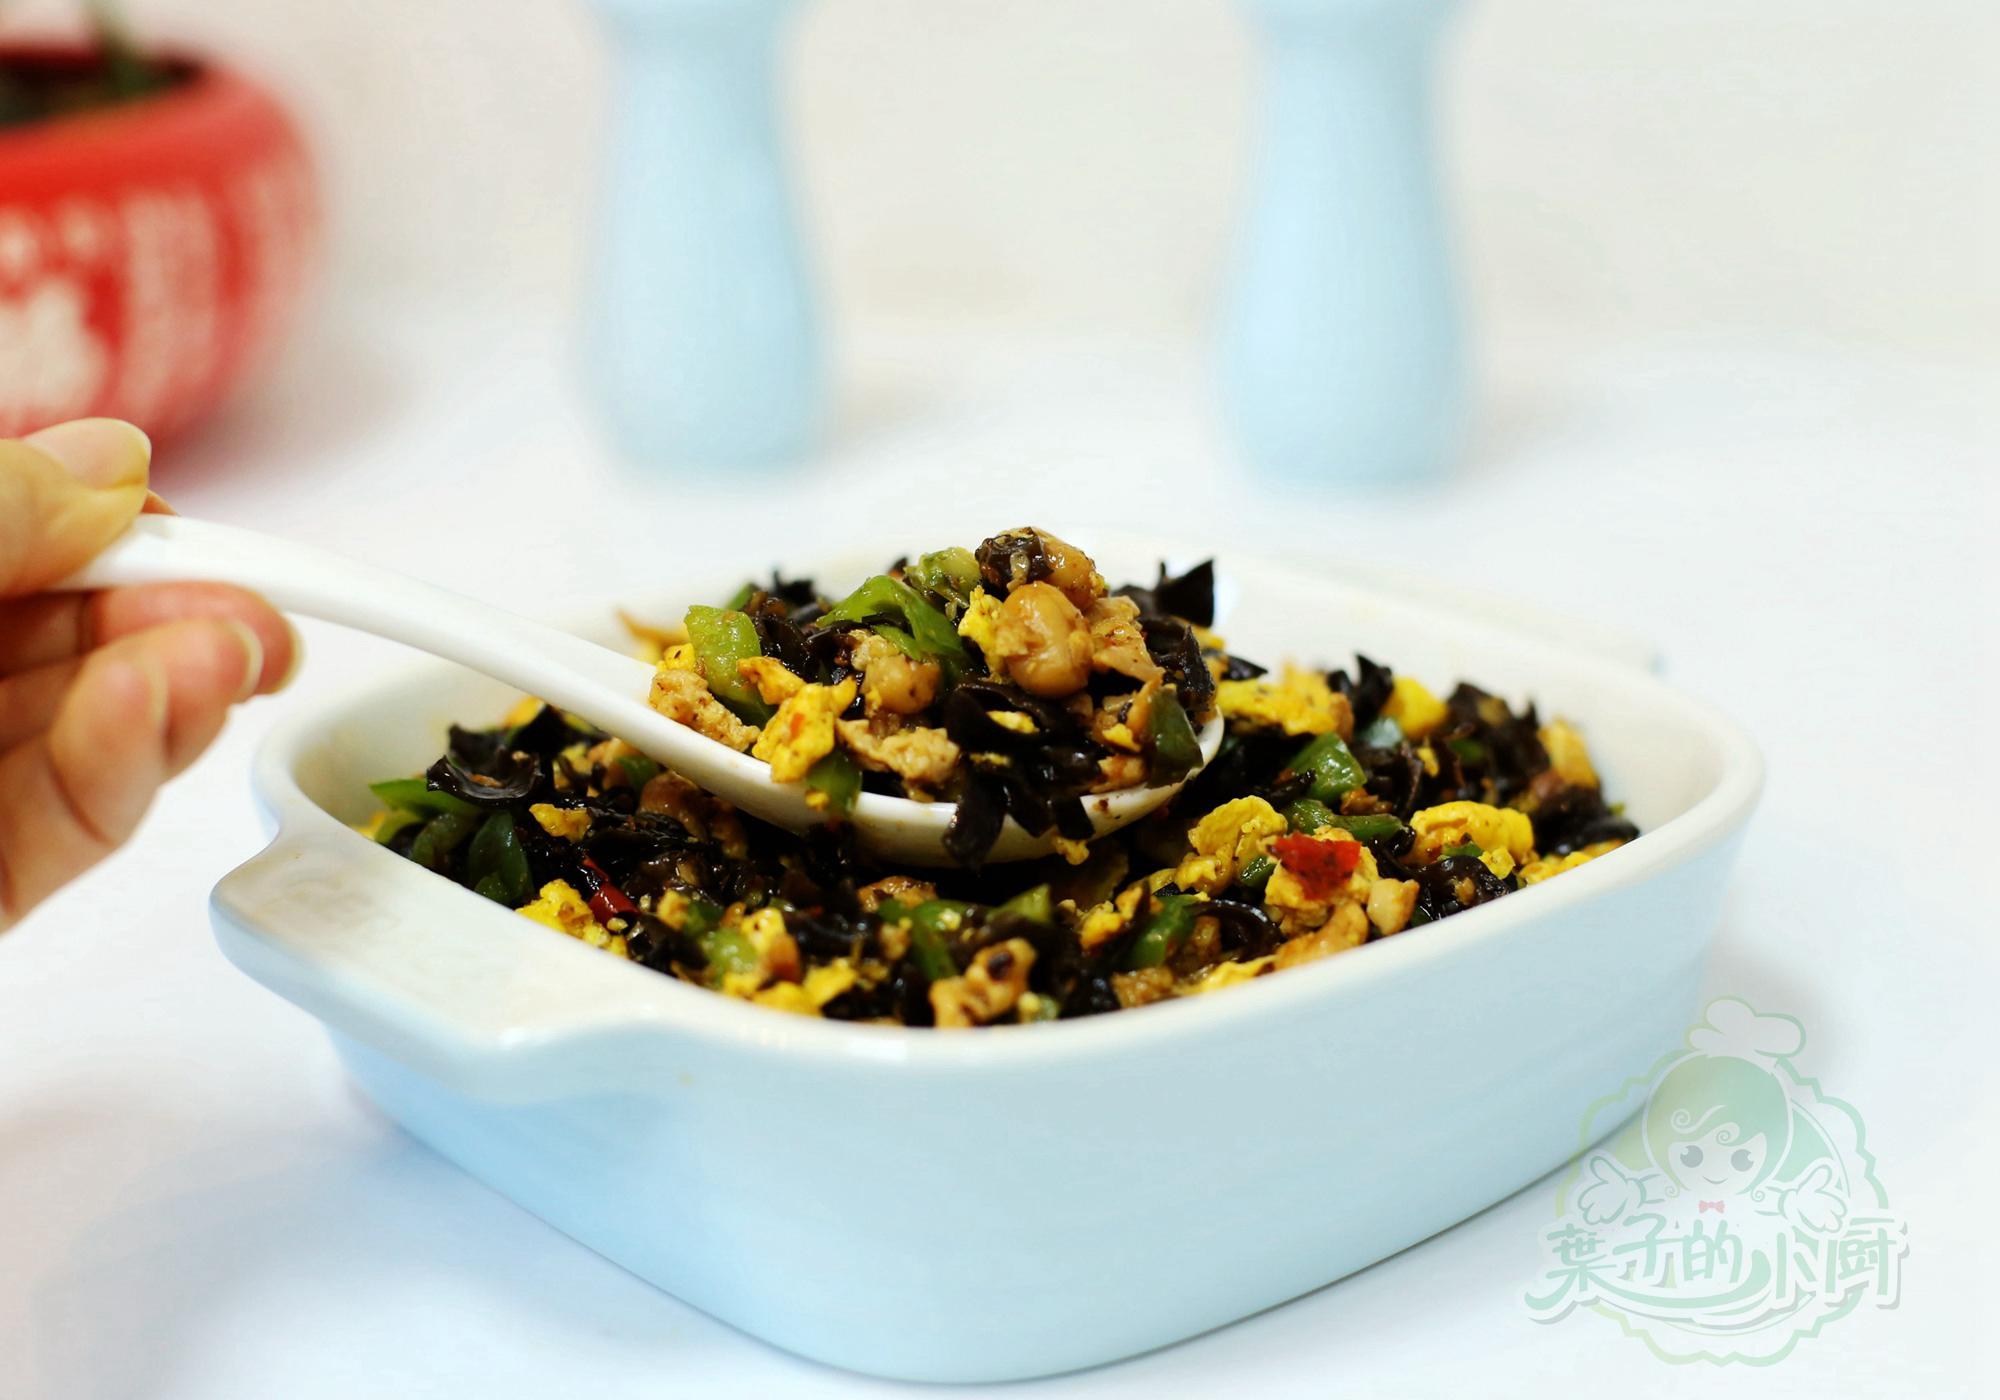 分享一道朴素家常菜,一年四季都实用,好吃又营养高,做法还简单